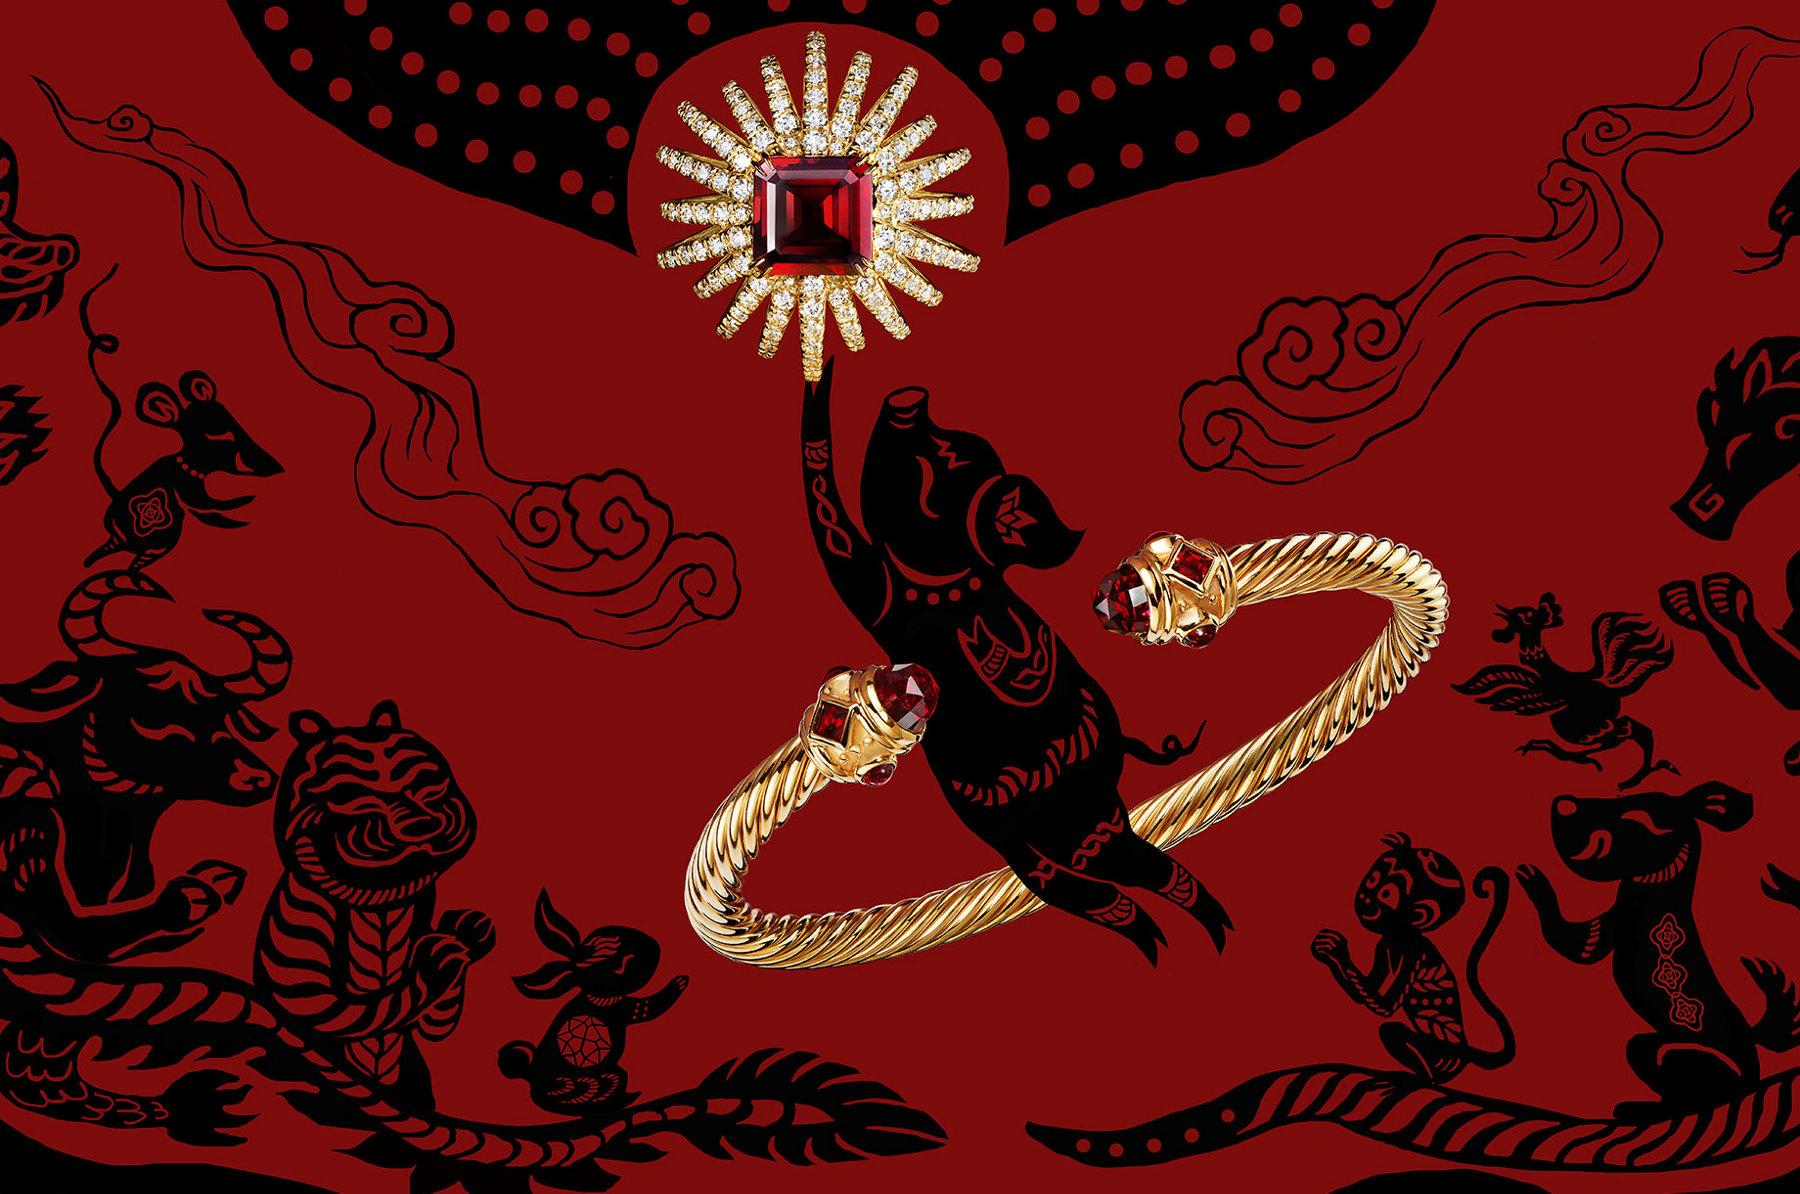 红黑两色的中国生肖动物插图,包括猪。一枚David Yurman Starburst 18K黄金镶石榴石戒指河一枚18K金Cable扭纹手镯放在插图的上面。